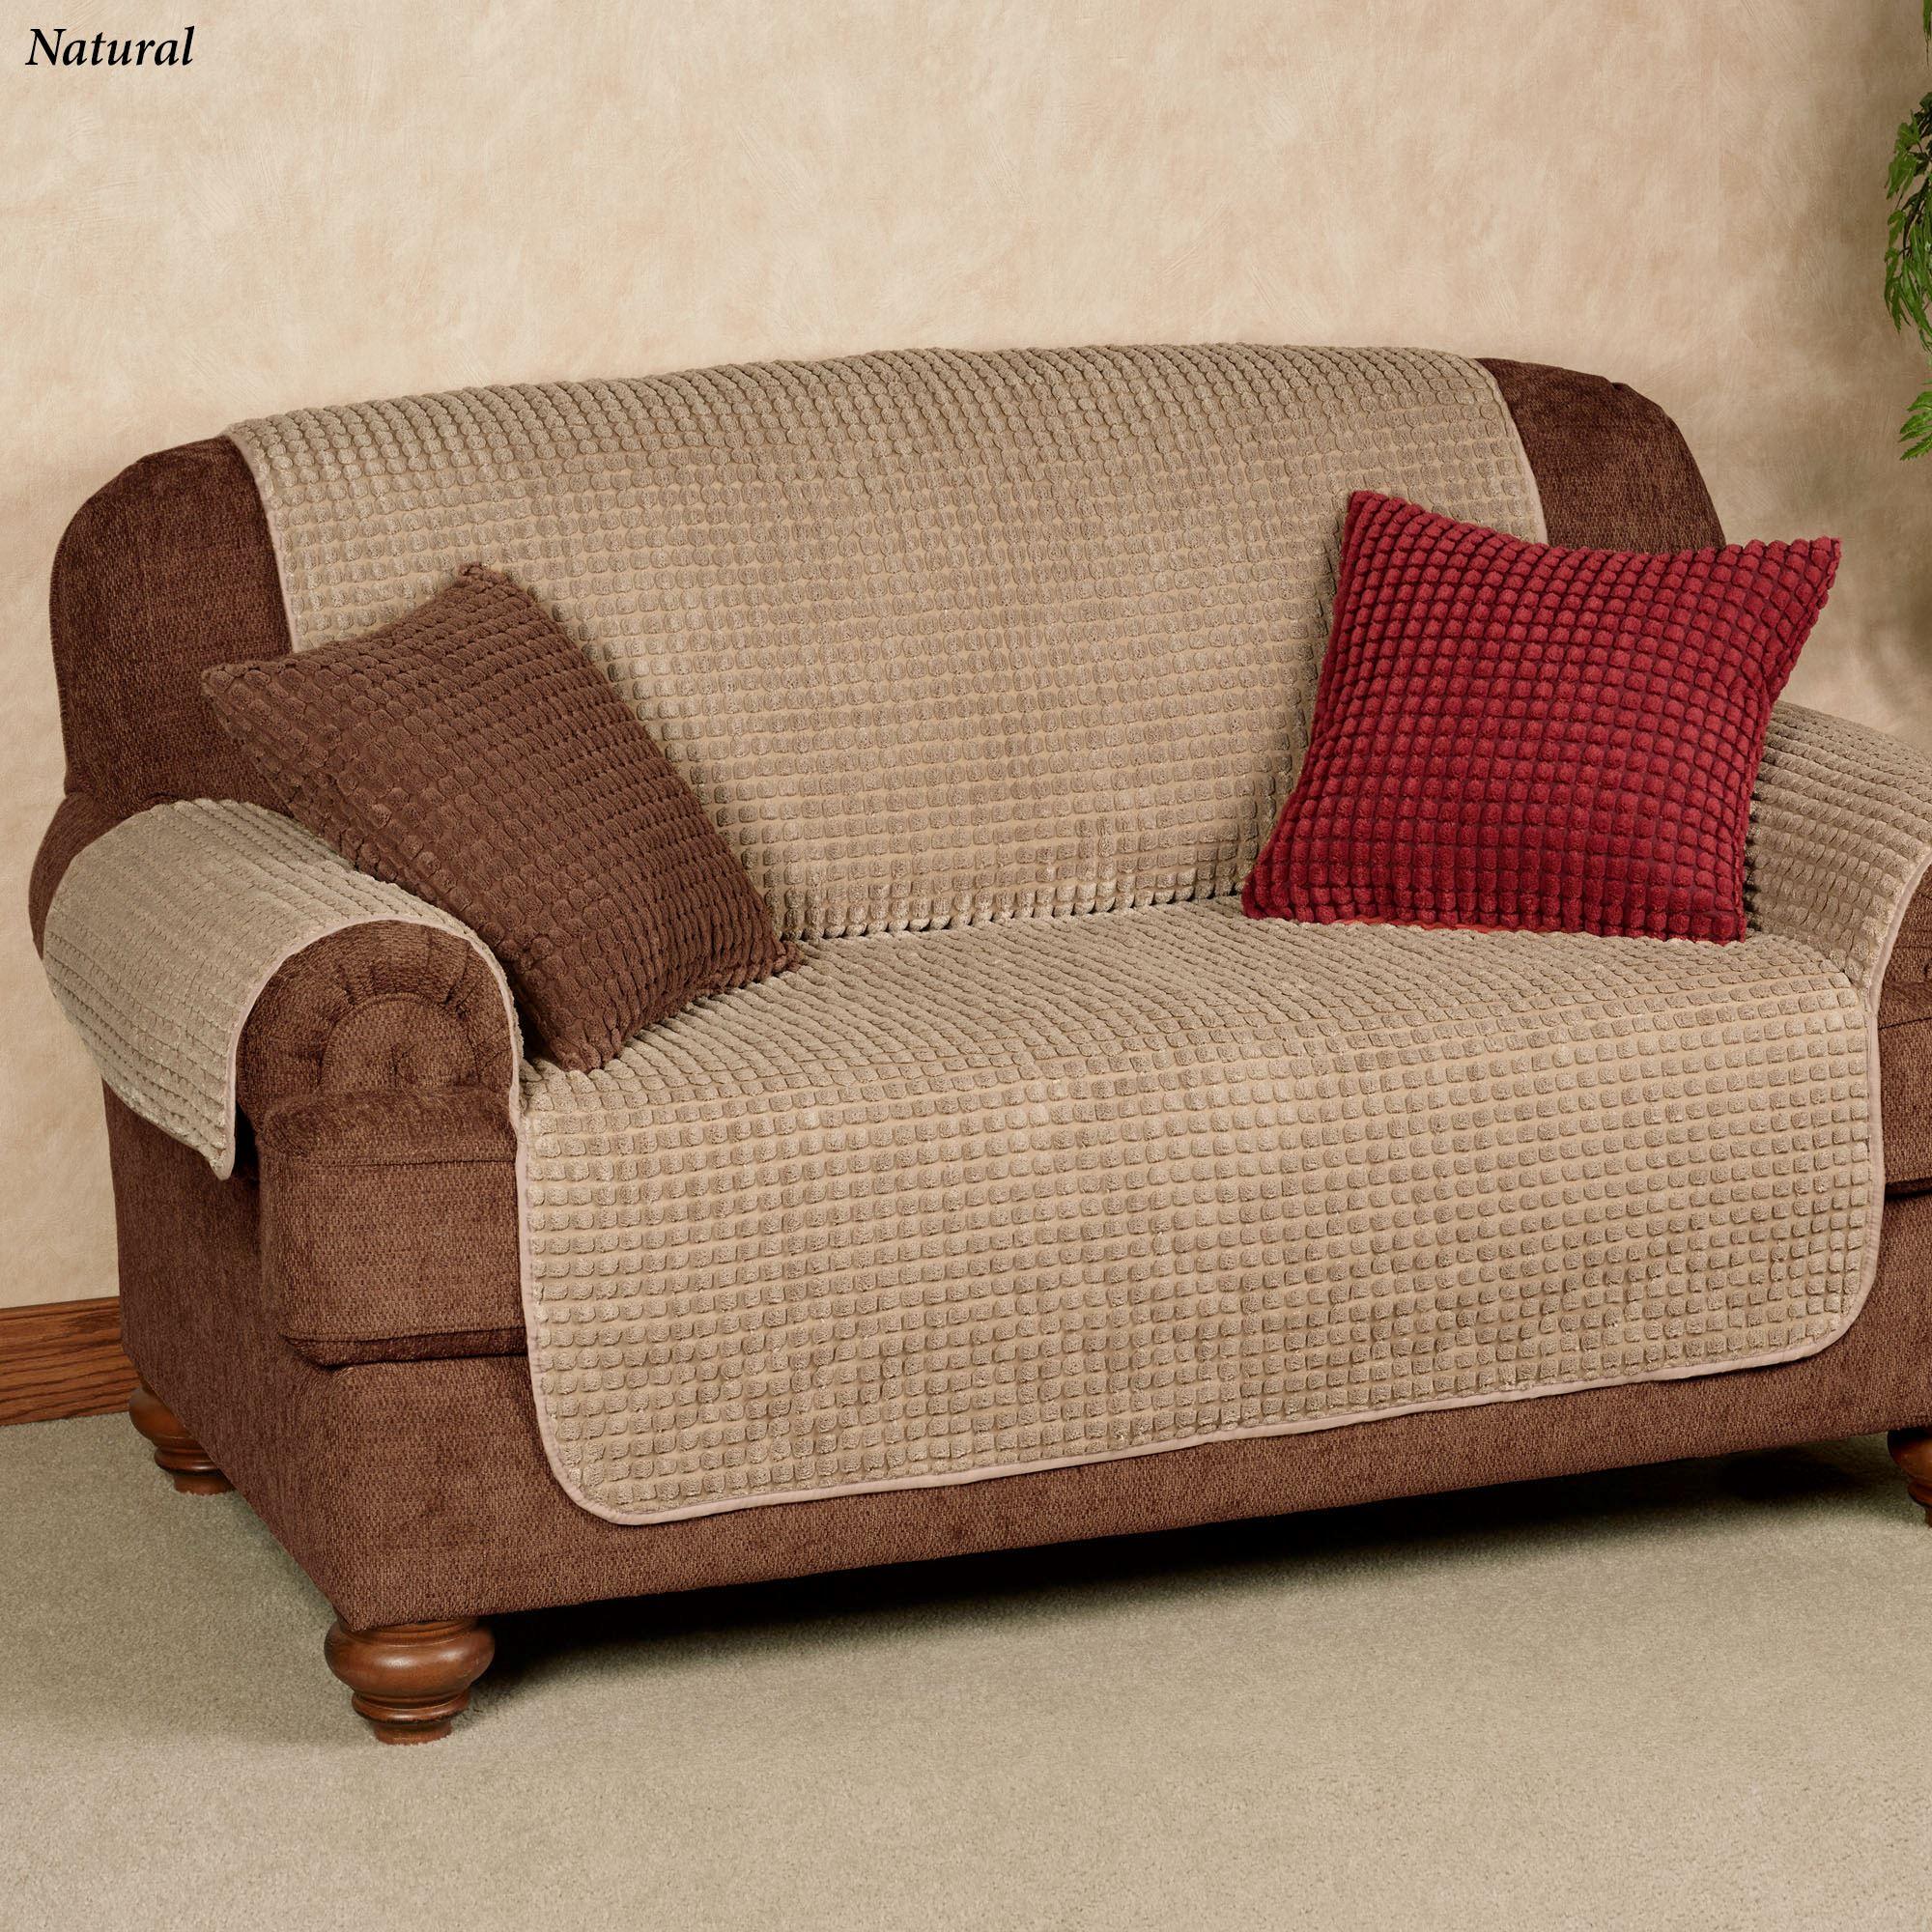 Premier Puff Furniture Cover